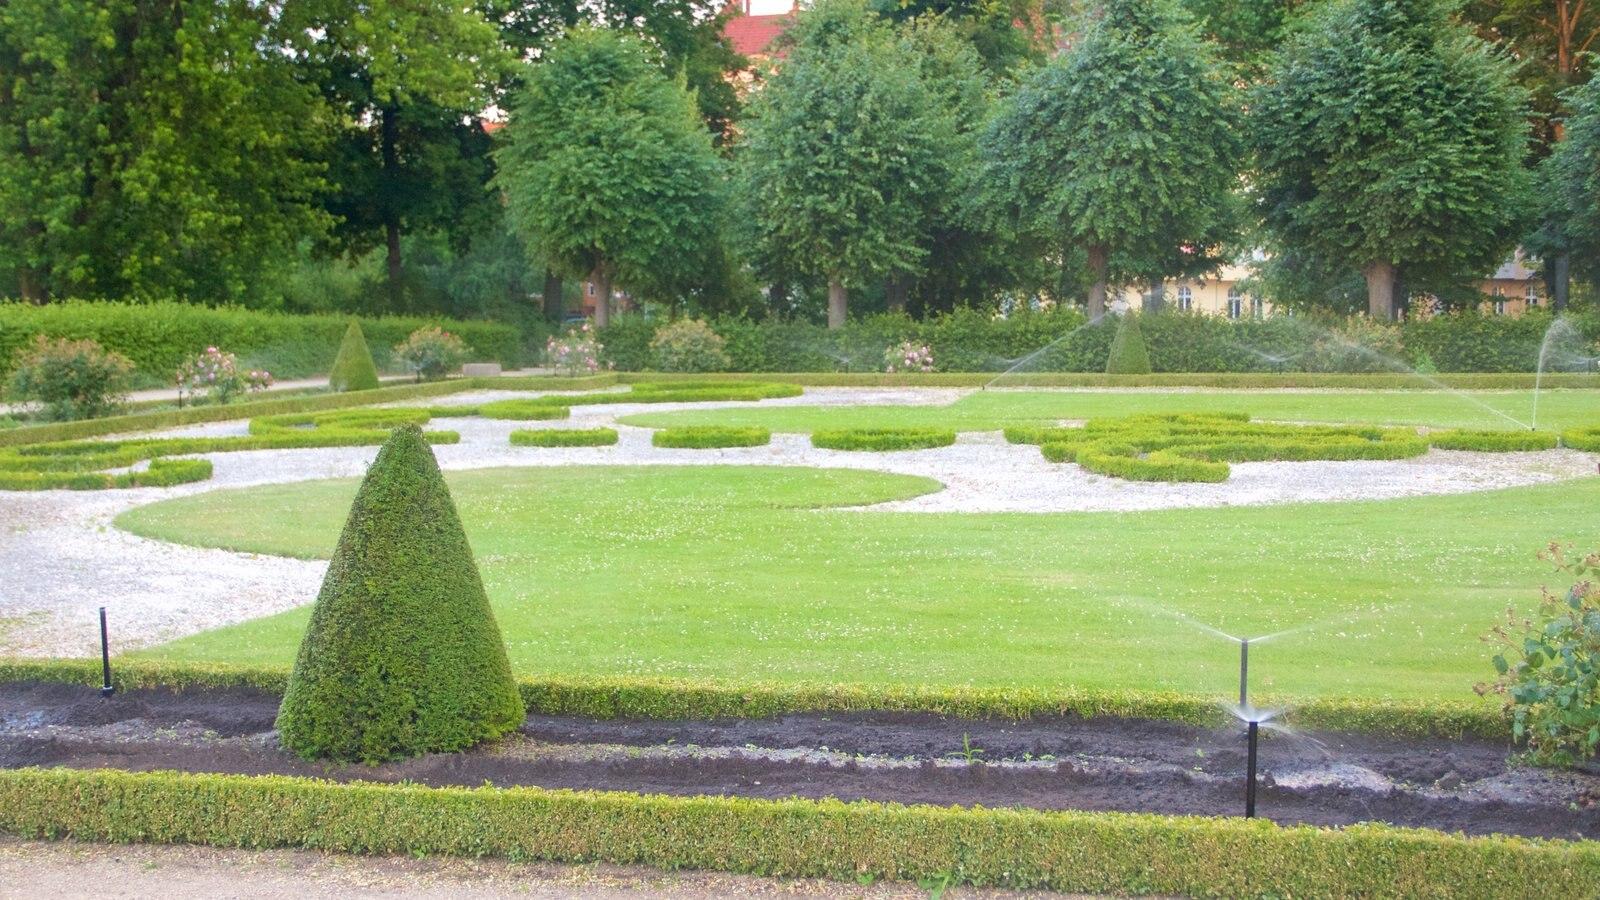 Schloss Charlottenburg showing a garden